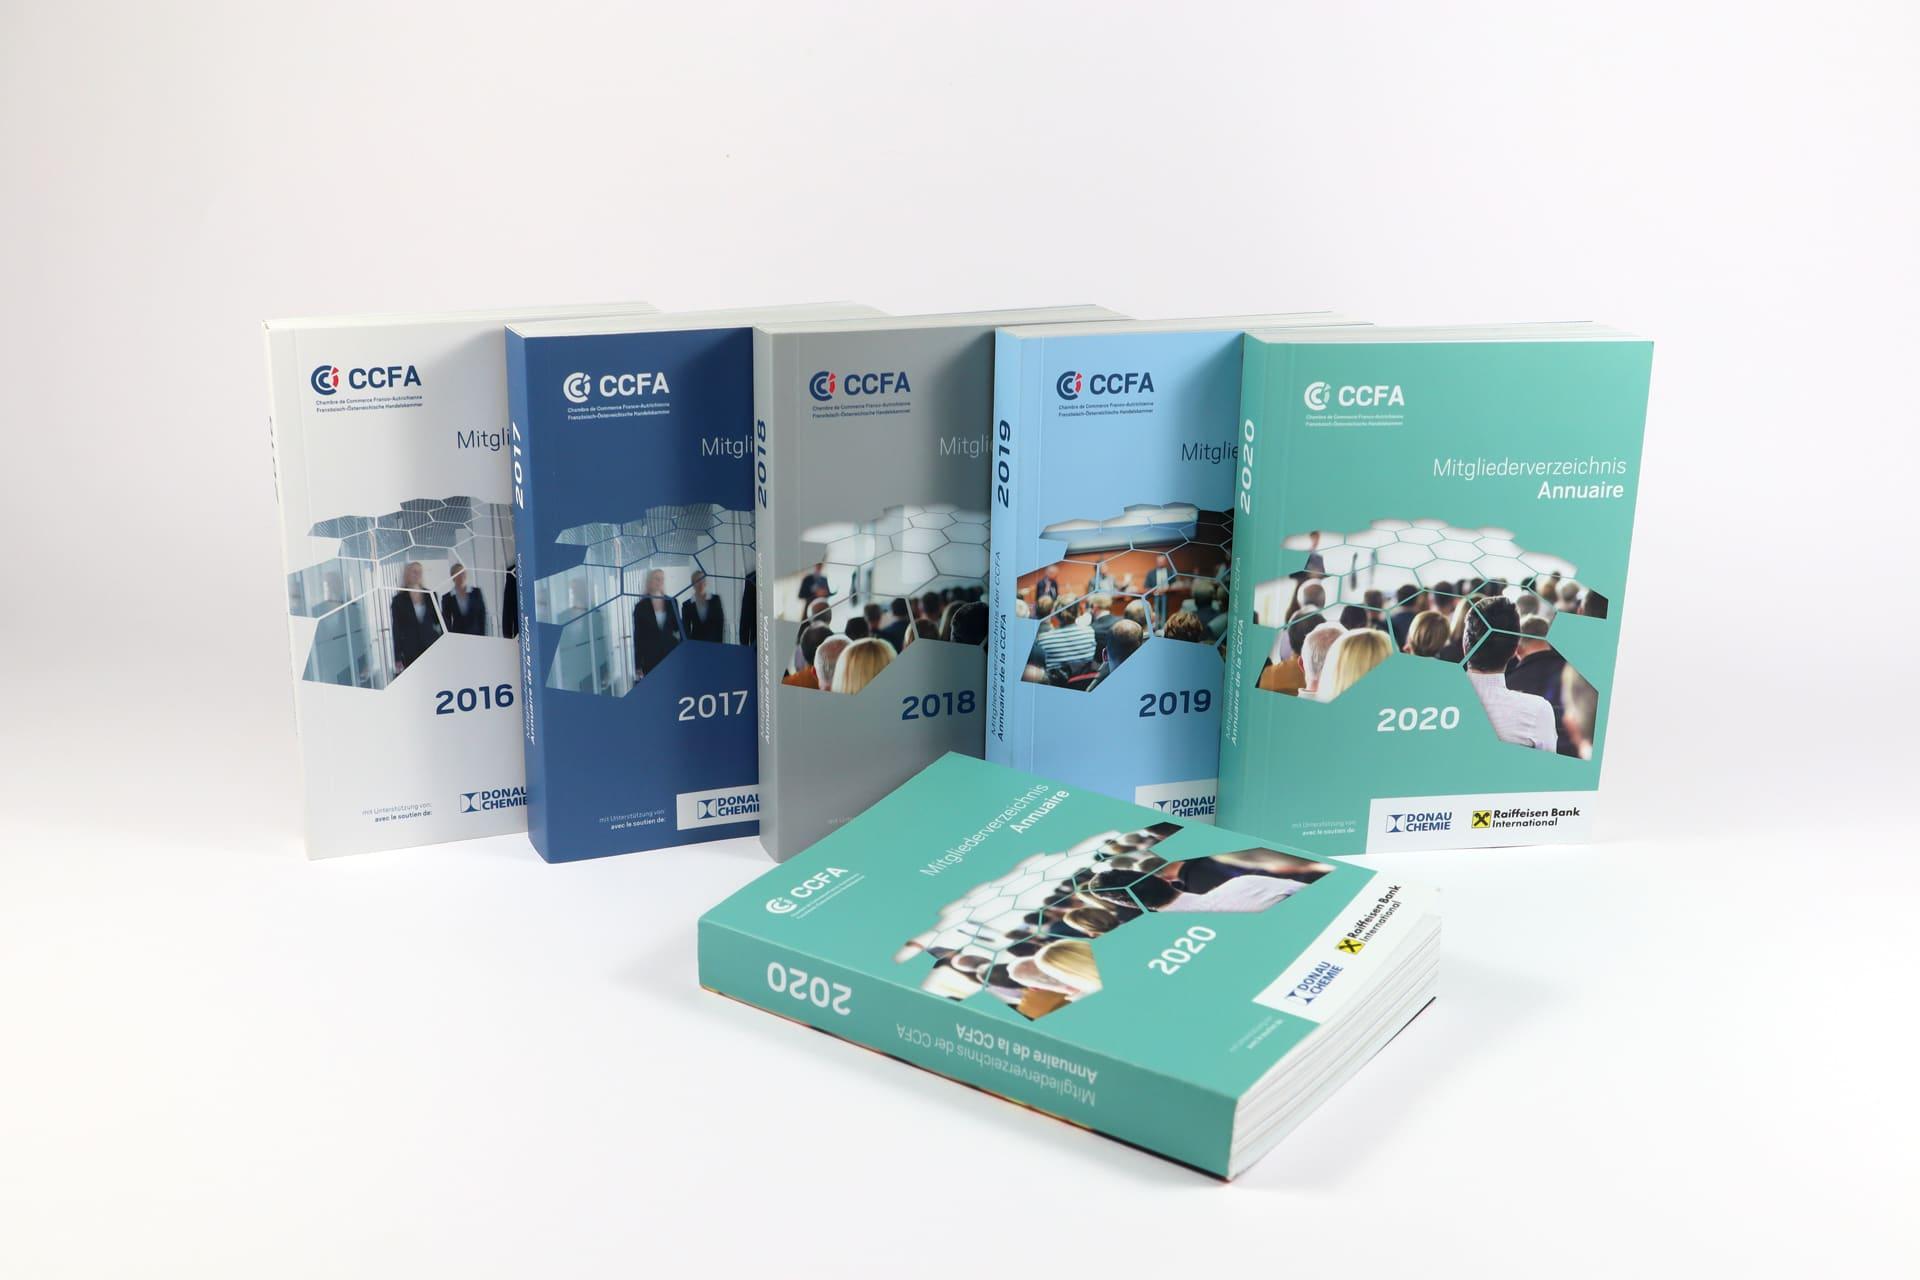 Mitgliederverzeichnis-2020-by-PiKSEL-CCFA